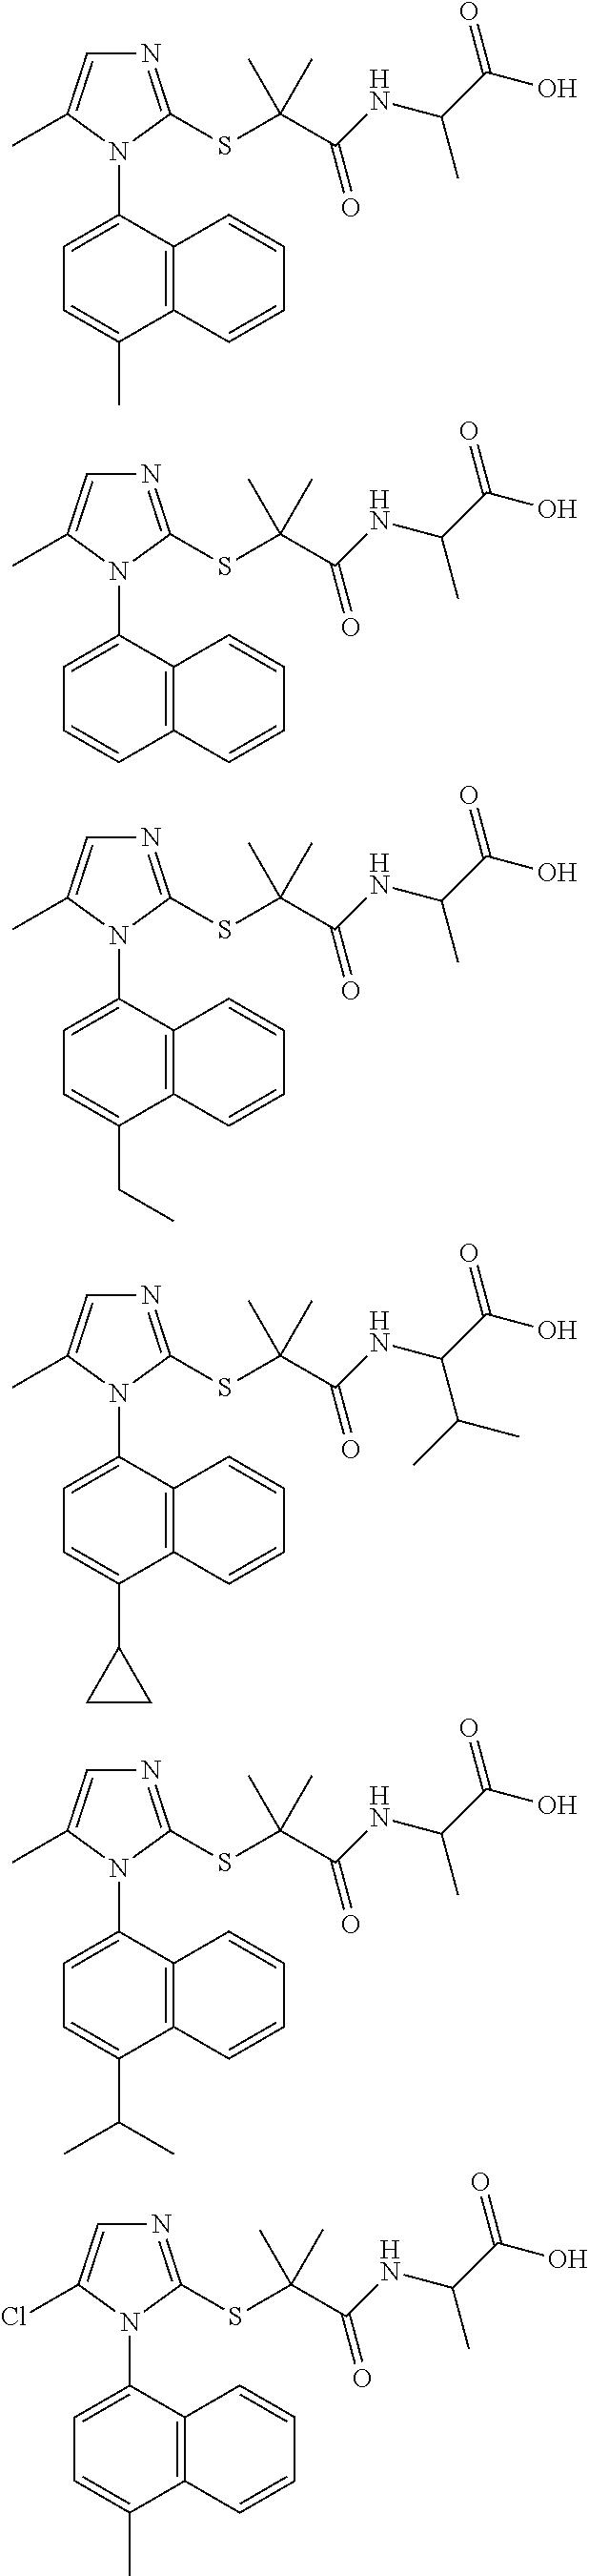 Figure US08283369-20121009-C00054